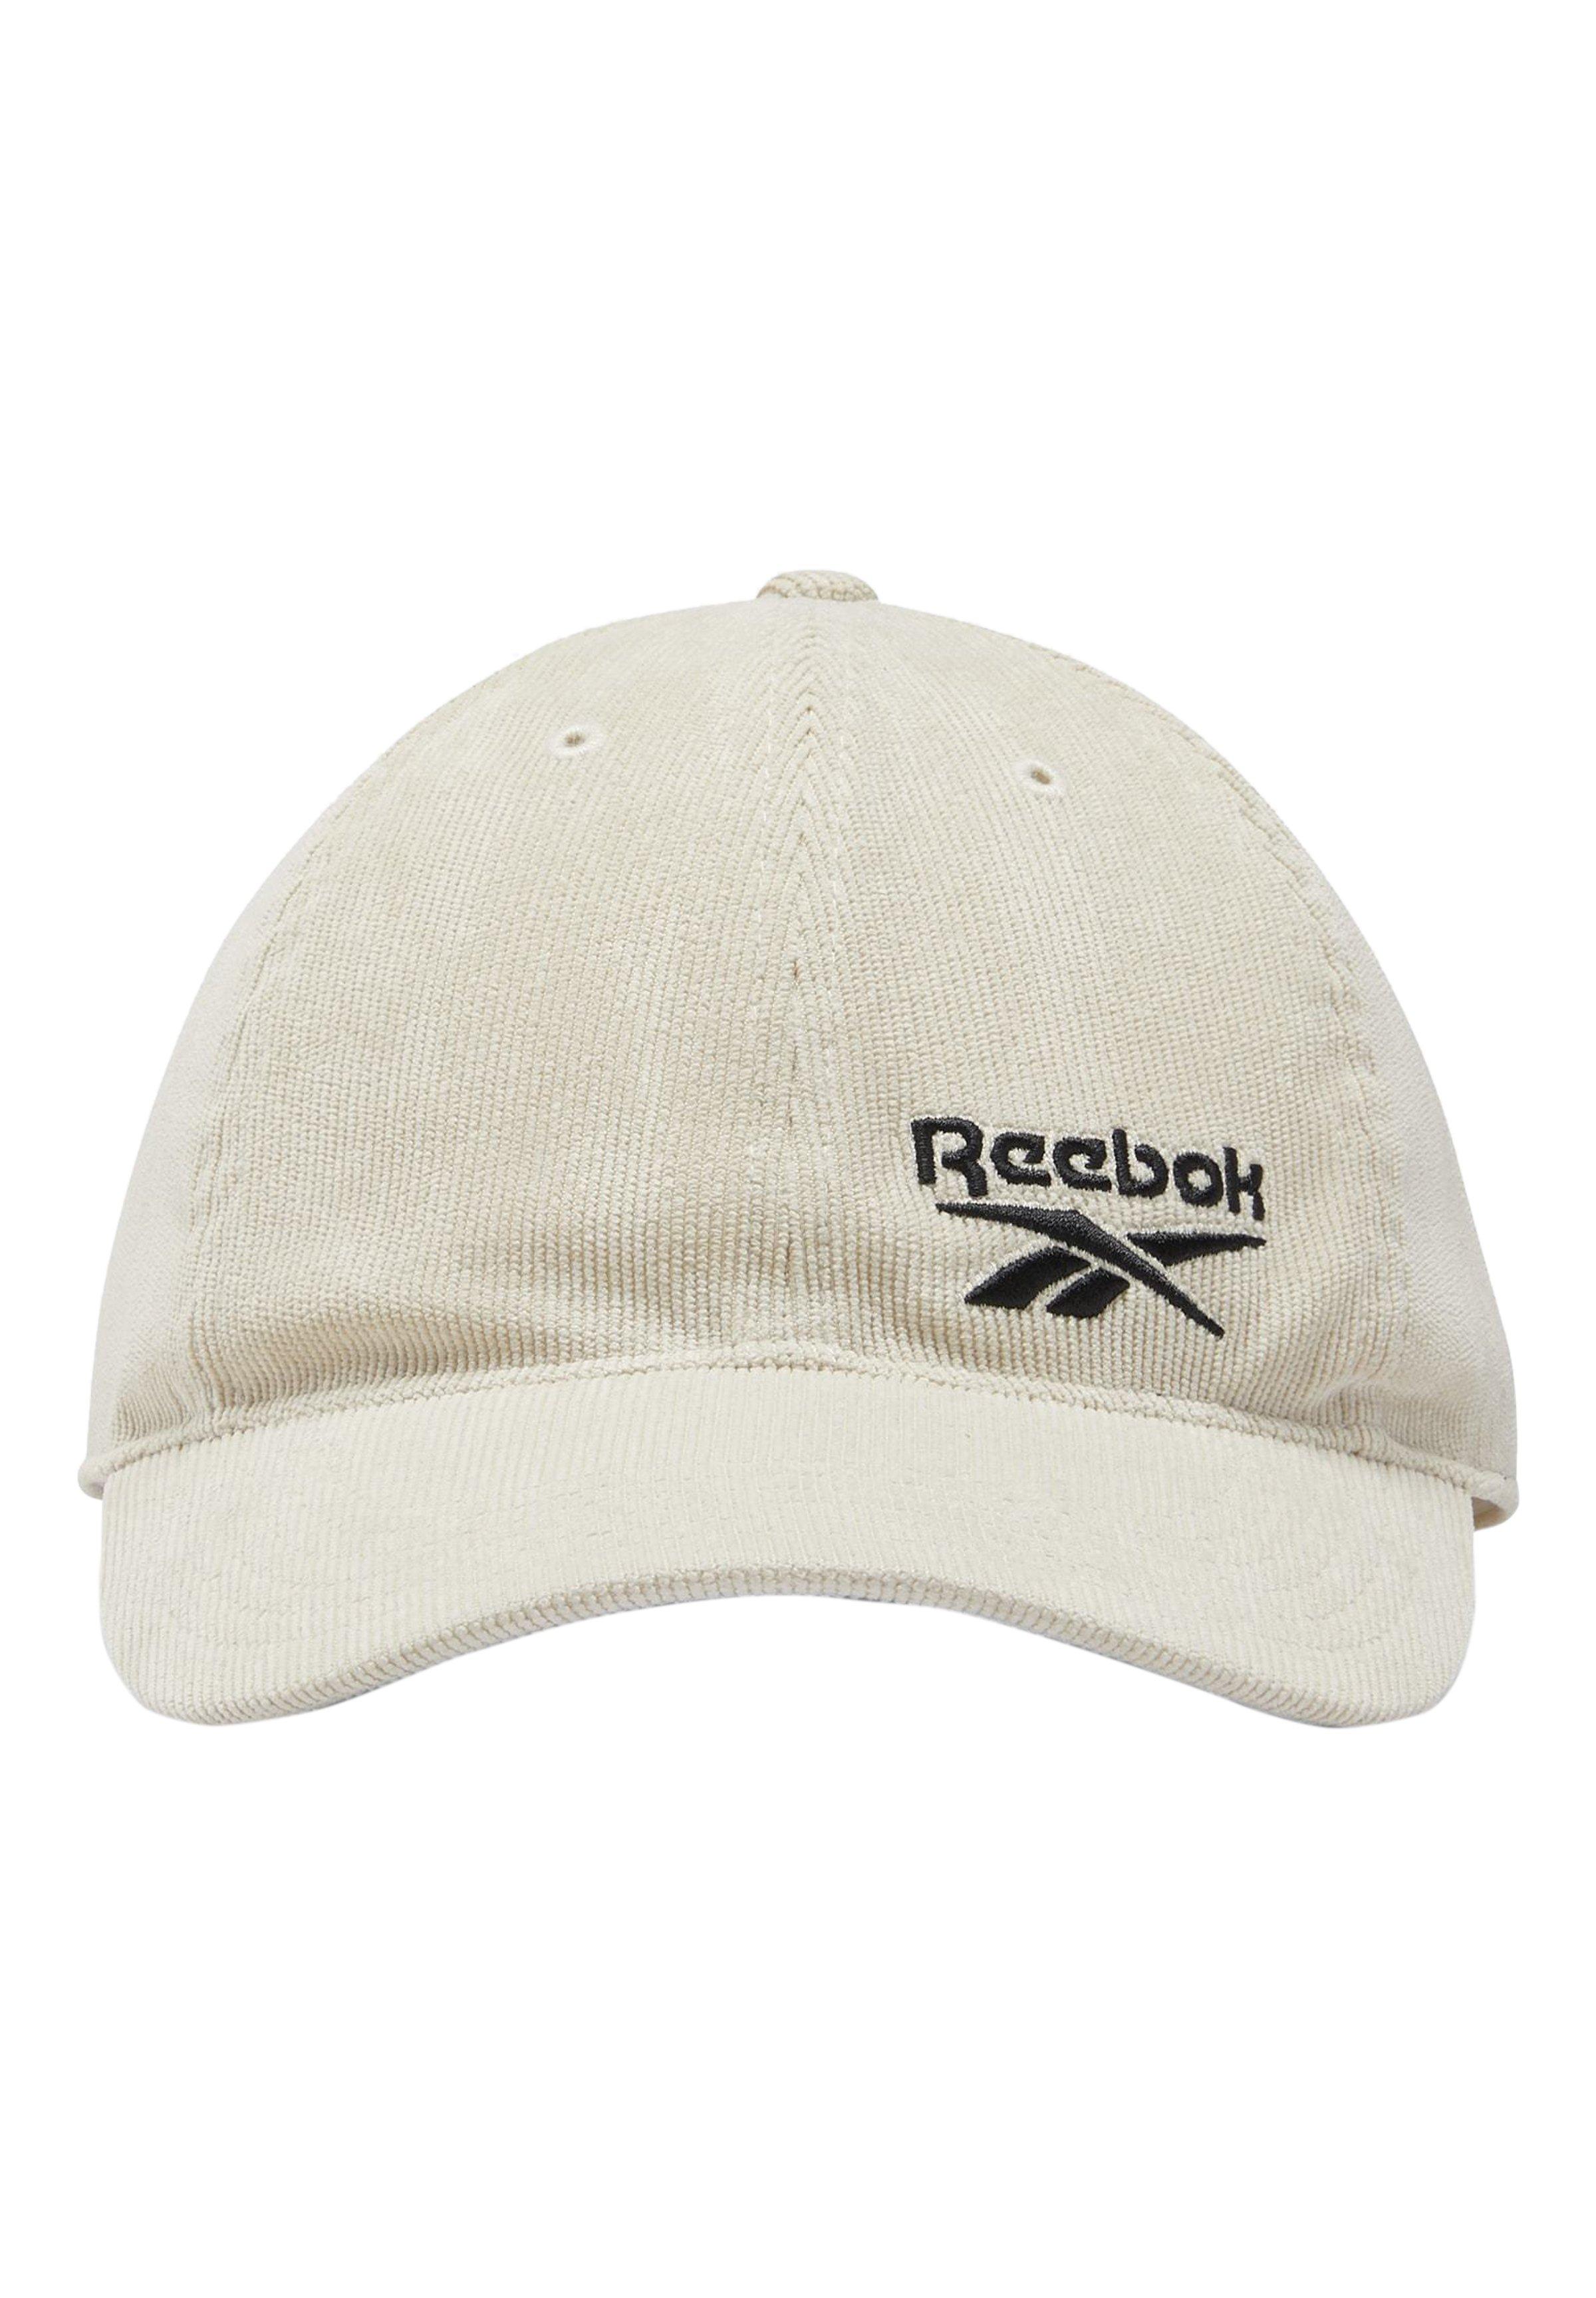 CLASSICS CORDUROY CAP Cap beige